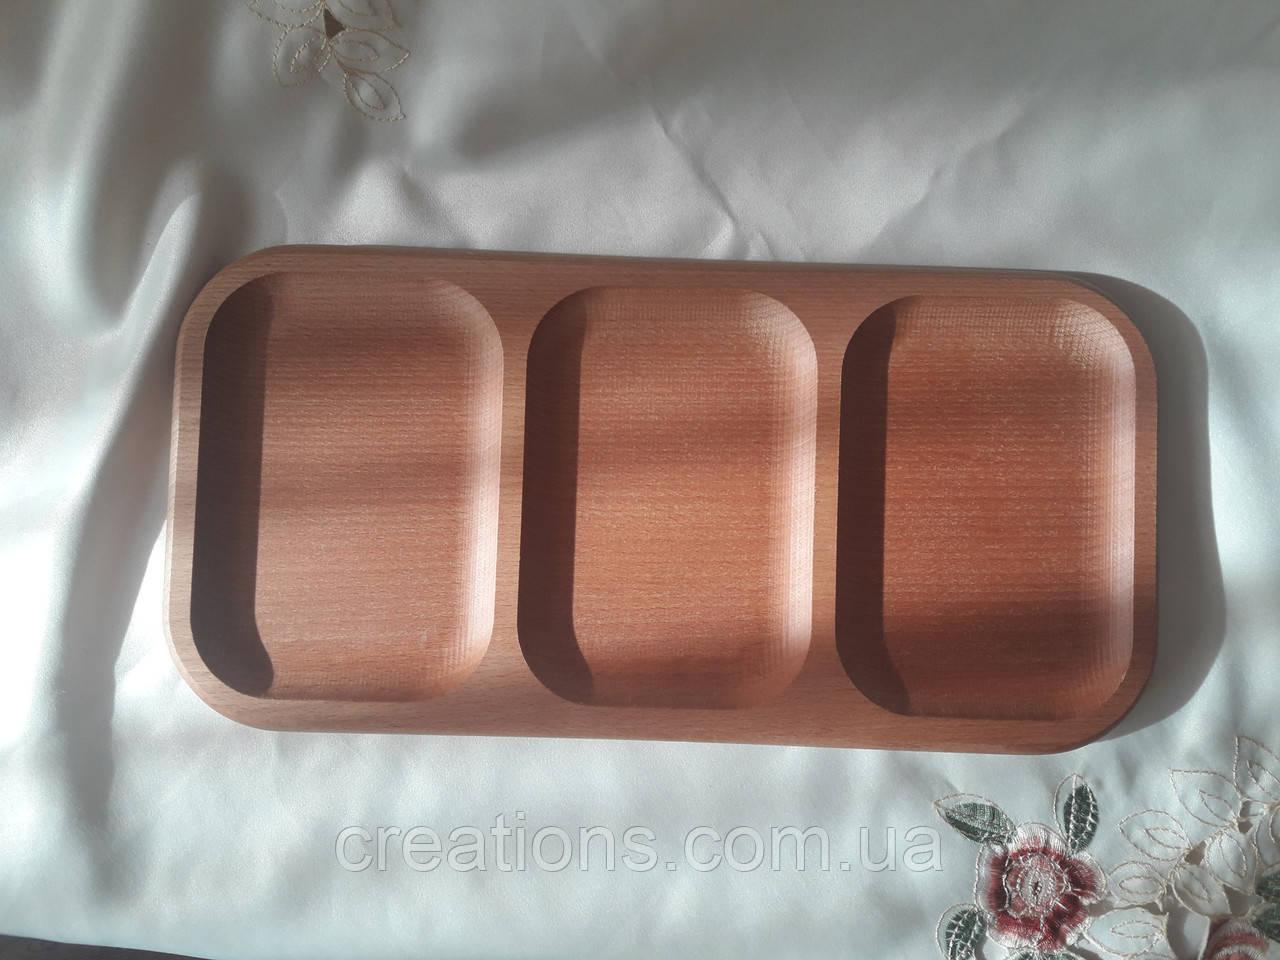 Менажница деревянная 37х18 см. прямоугольная на 3 секции из бука БМ-22